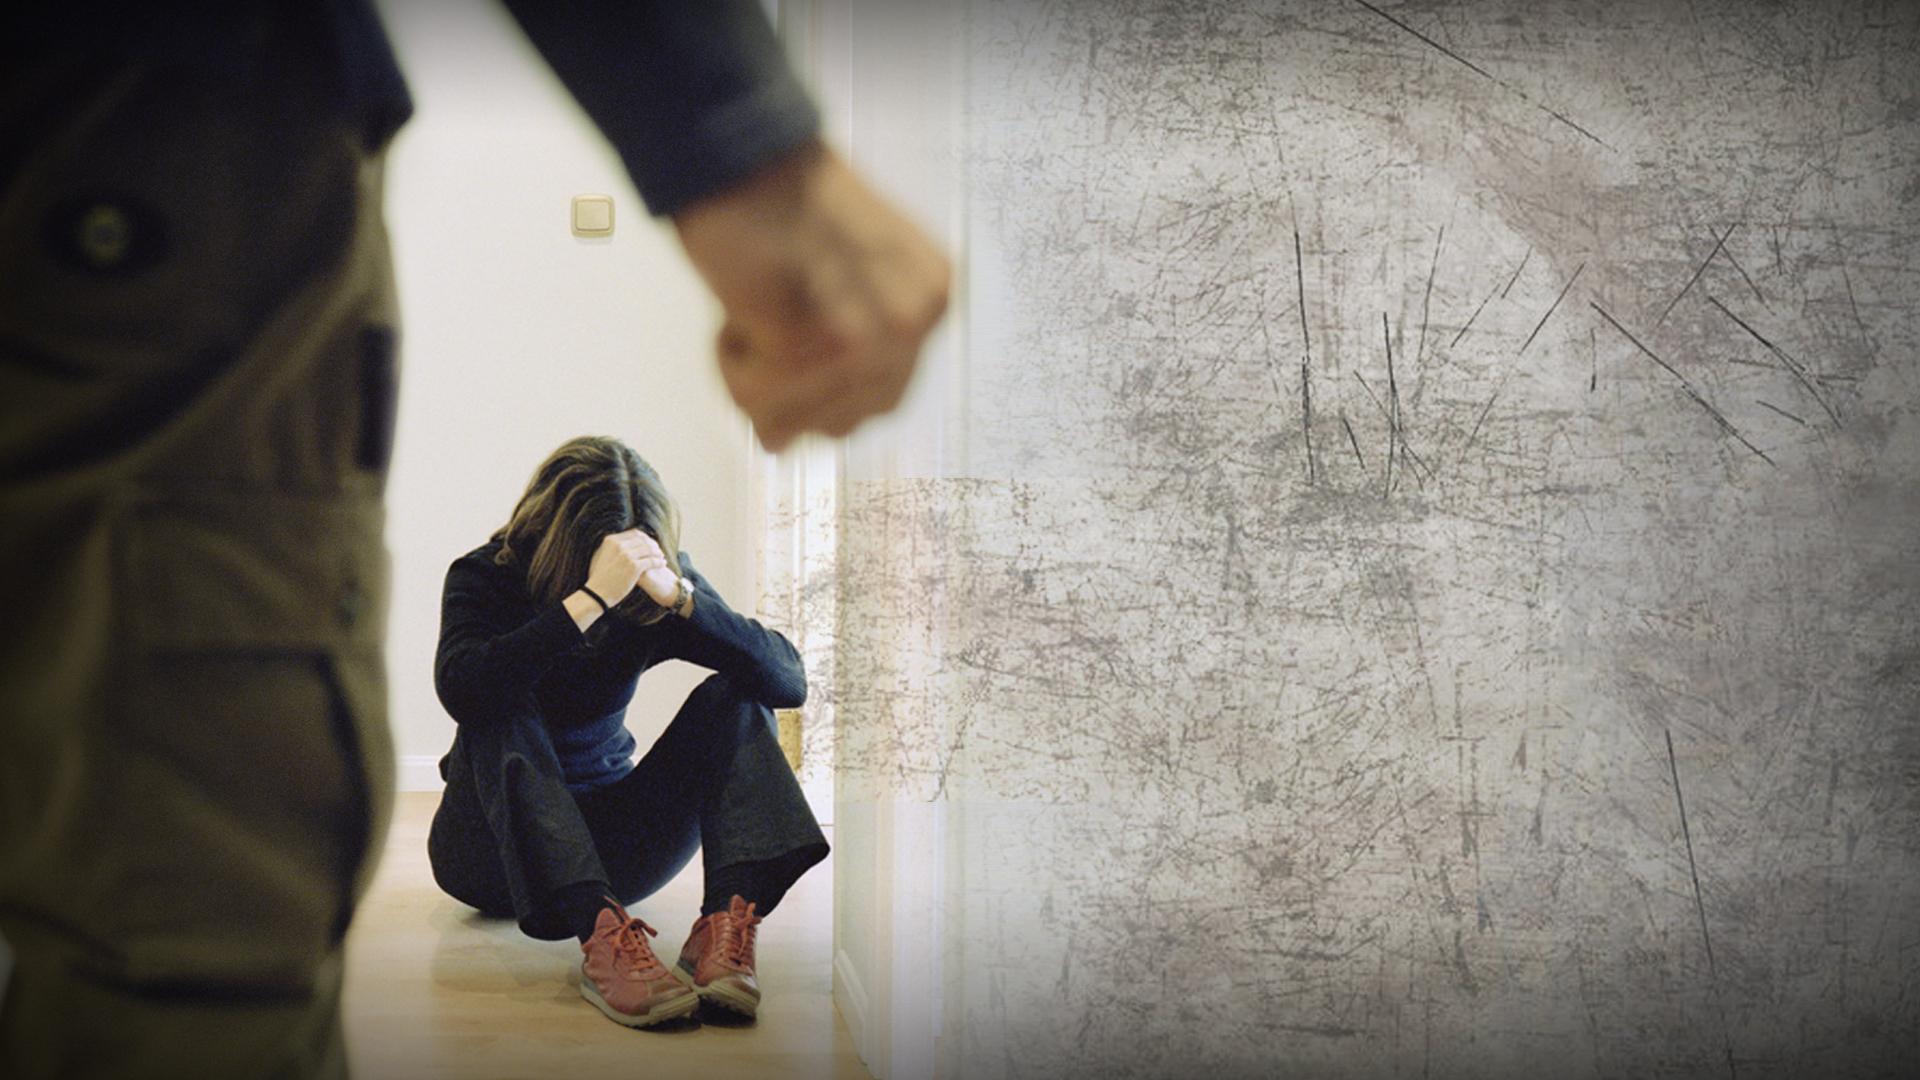 Stupra una donna down in Spagna, 50enne arrestato a Milano